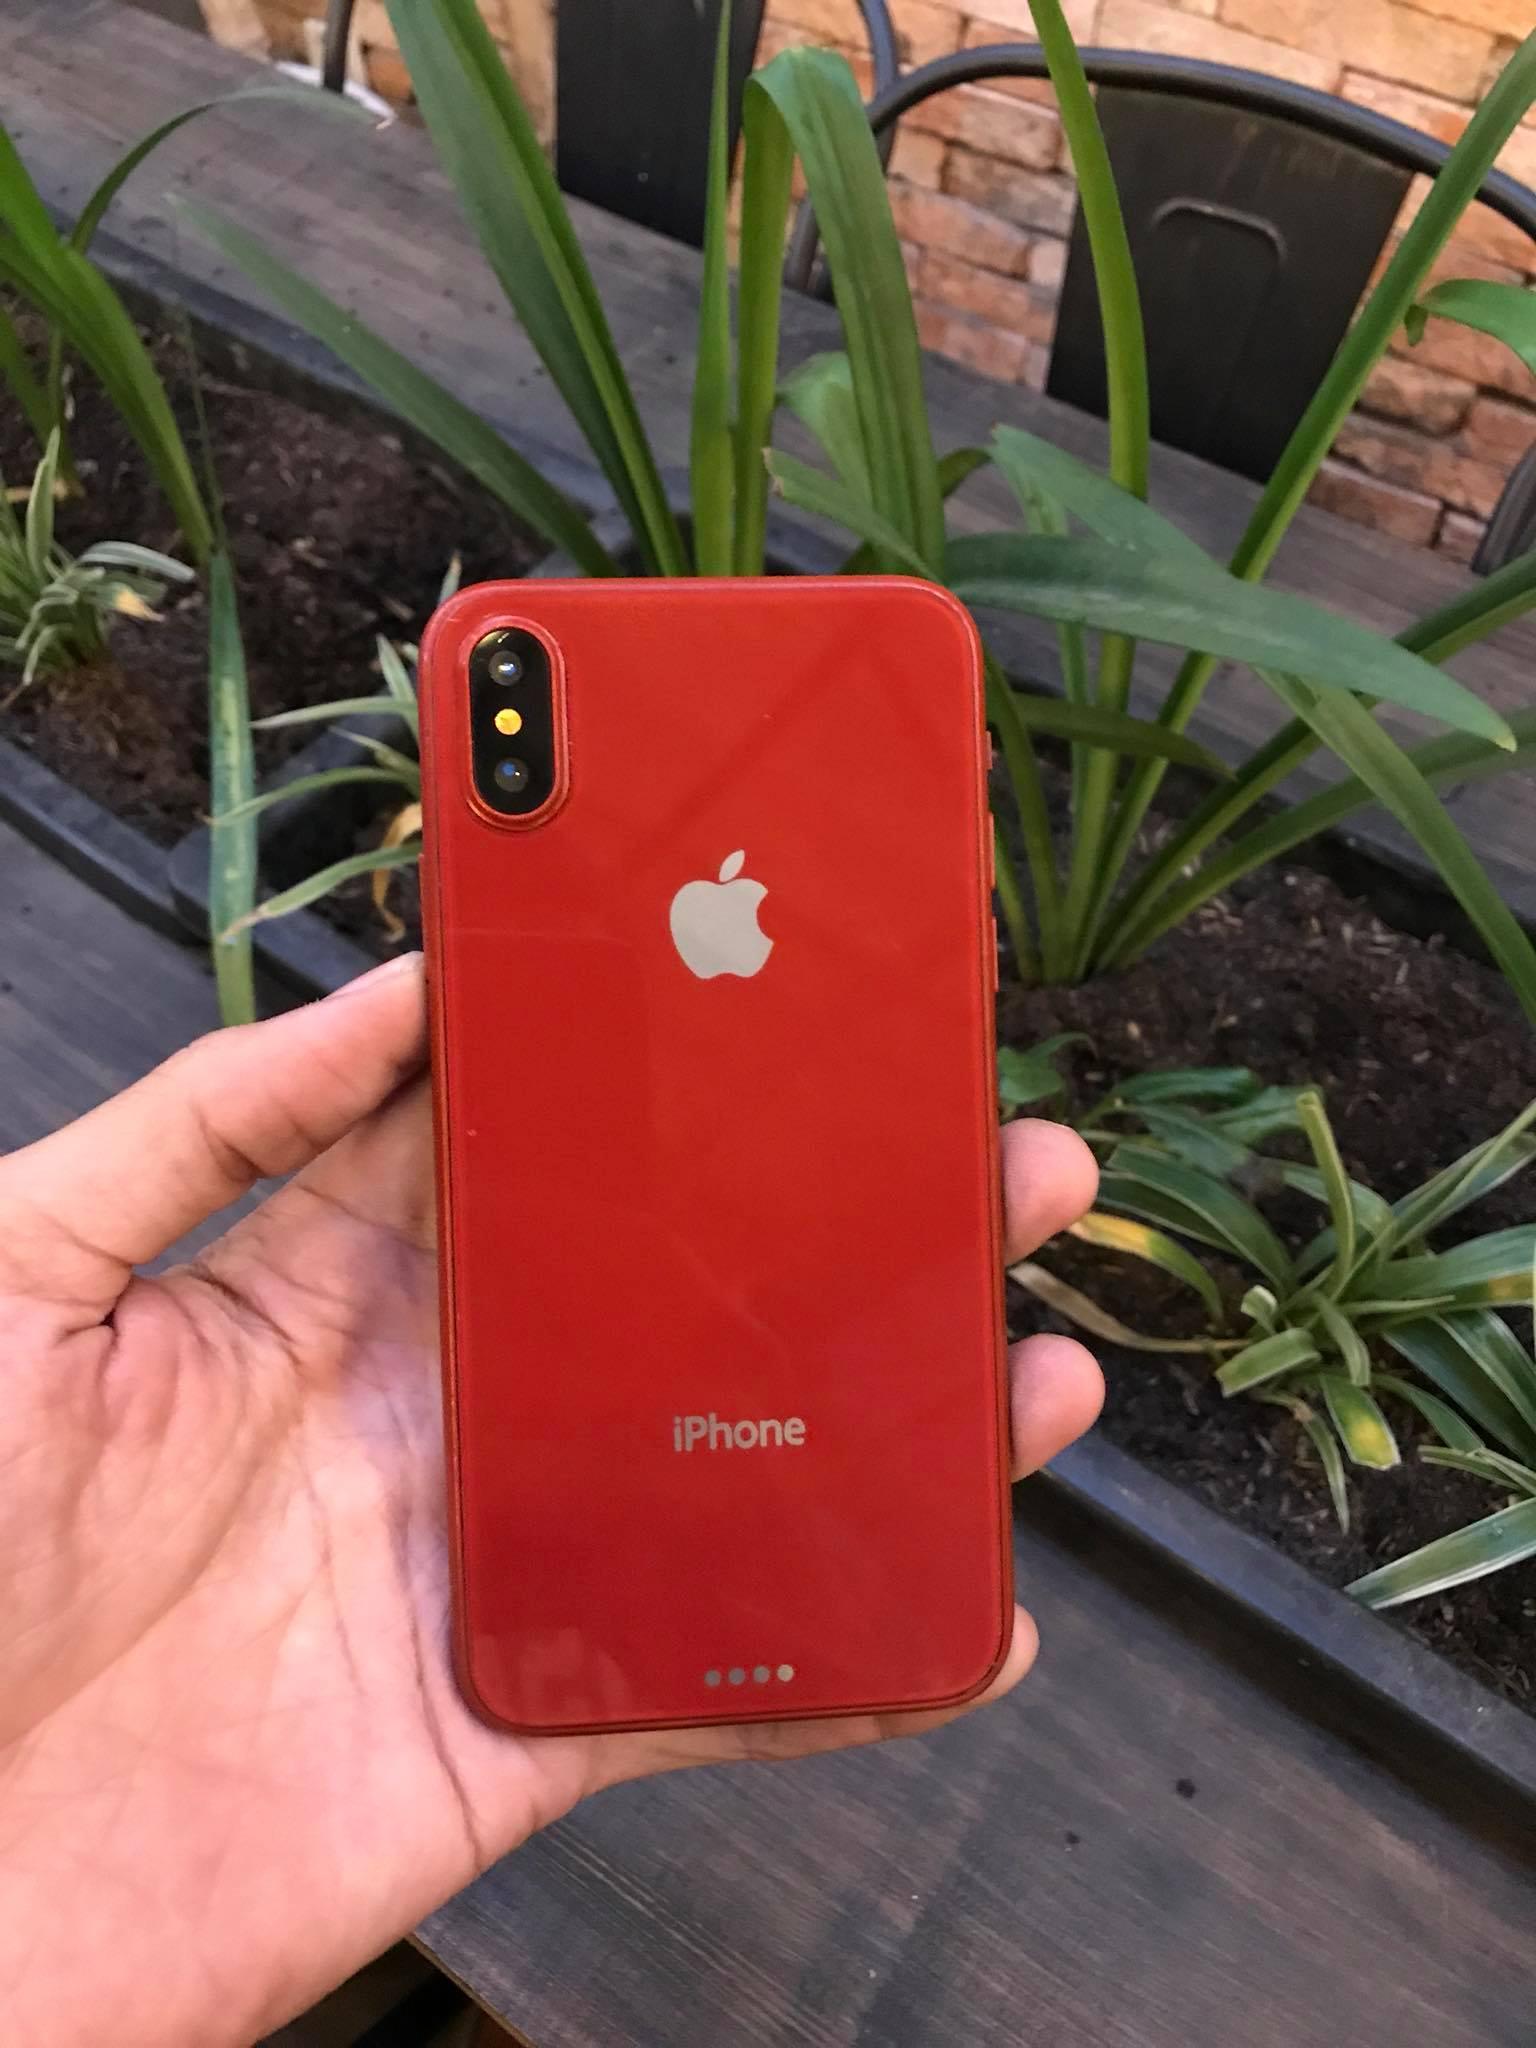 Trên tay mô hình và ốp lưng iPhone 8 màu đỏ tại Việt Nam hình 4